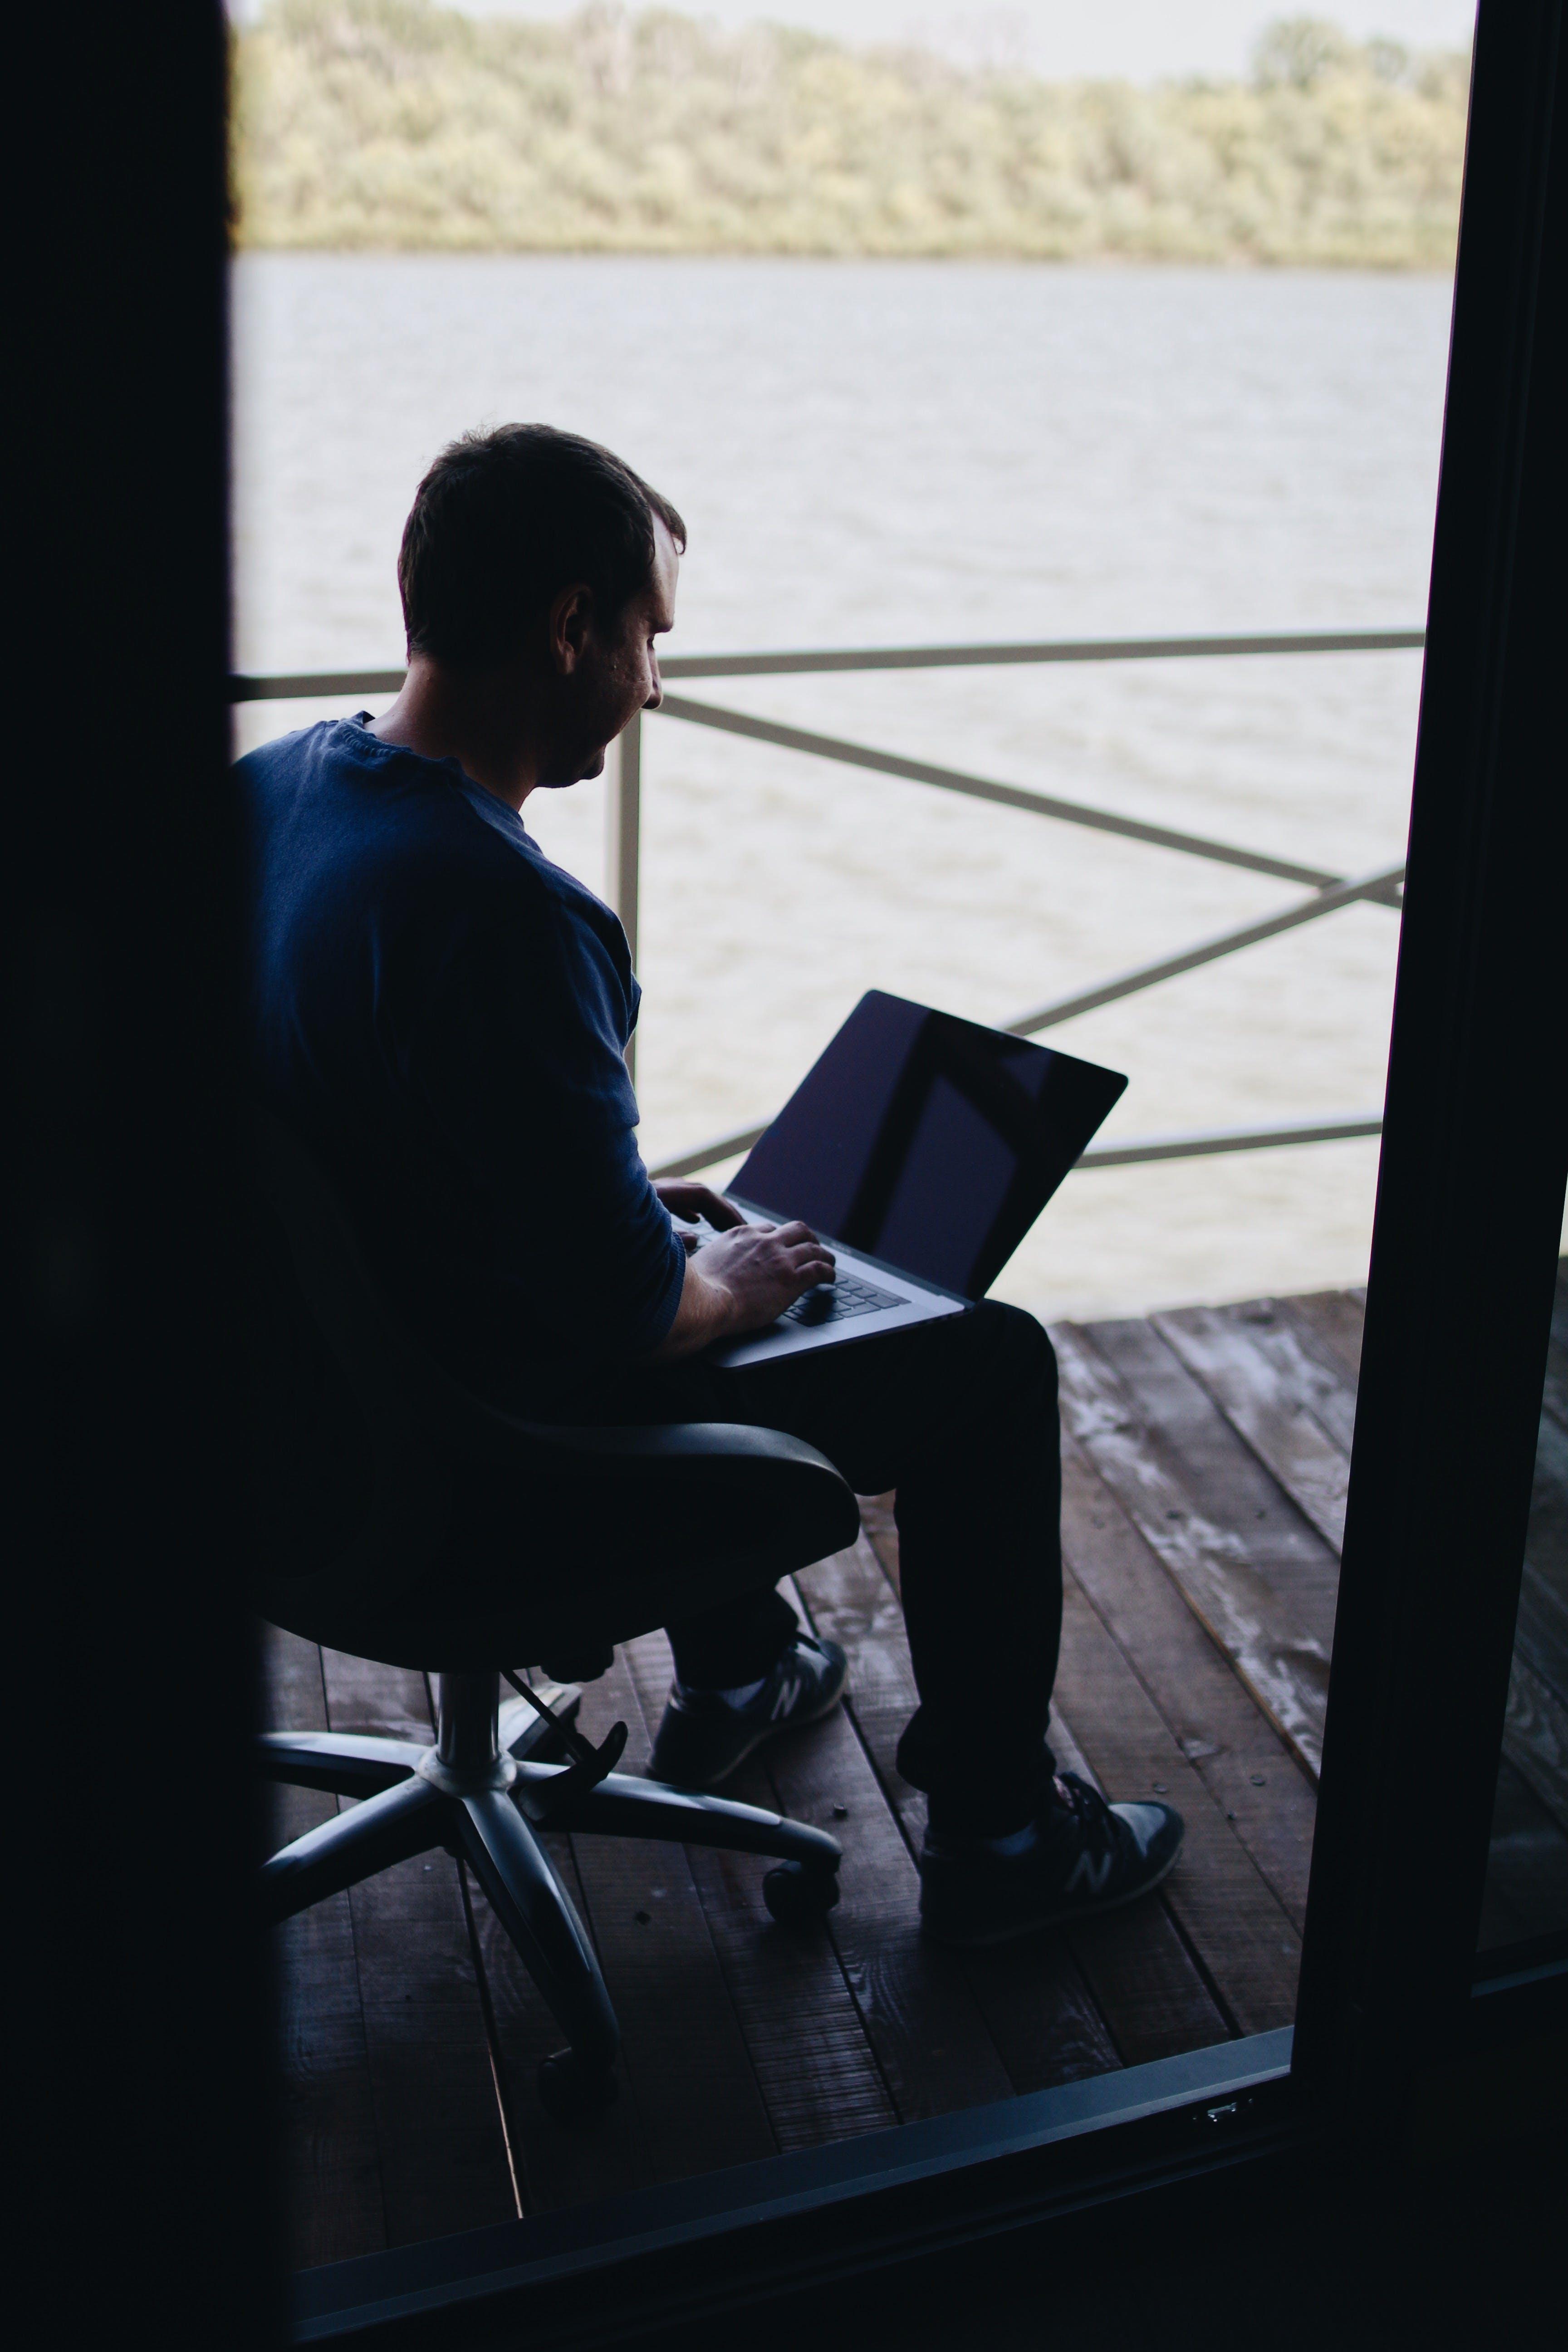 Kostenloses Stock Foto zu arbeiten, draußen, drinnen, elektrik